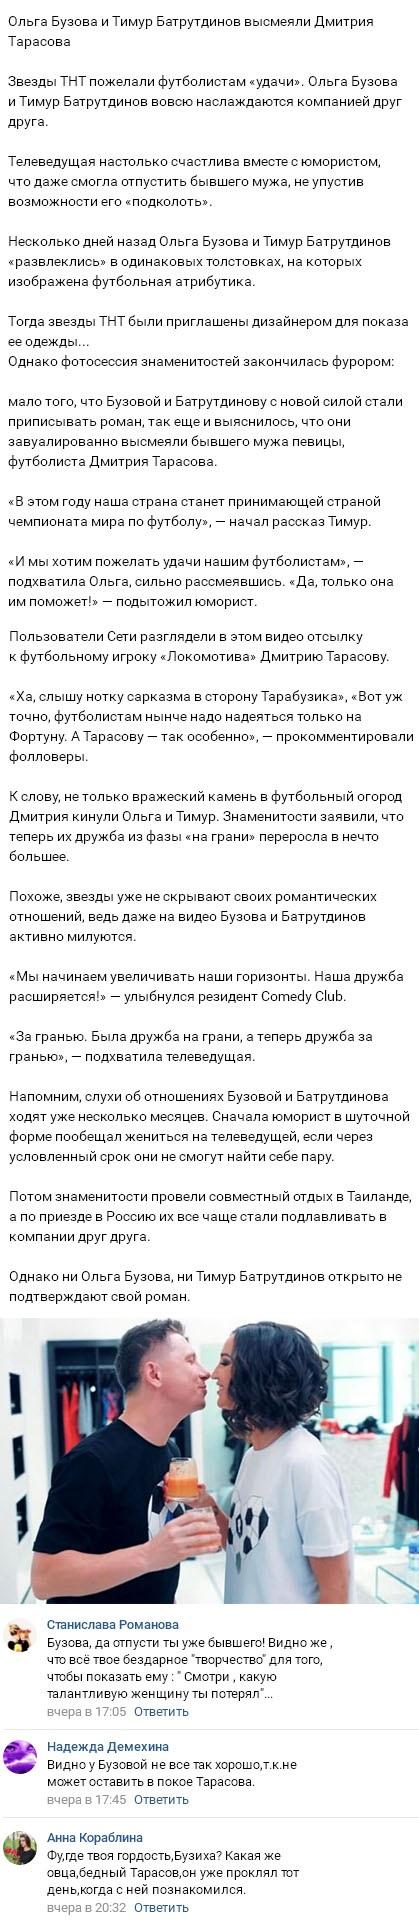 Ольга Бузова и Тимур Батрутдинов не упустили случая пройтись по Дмитрию Тарасову